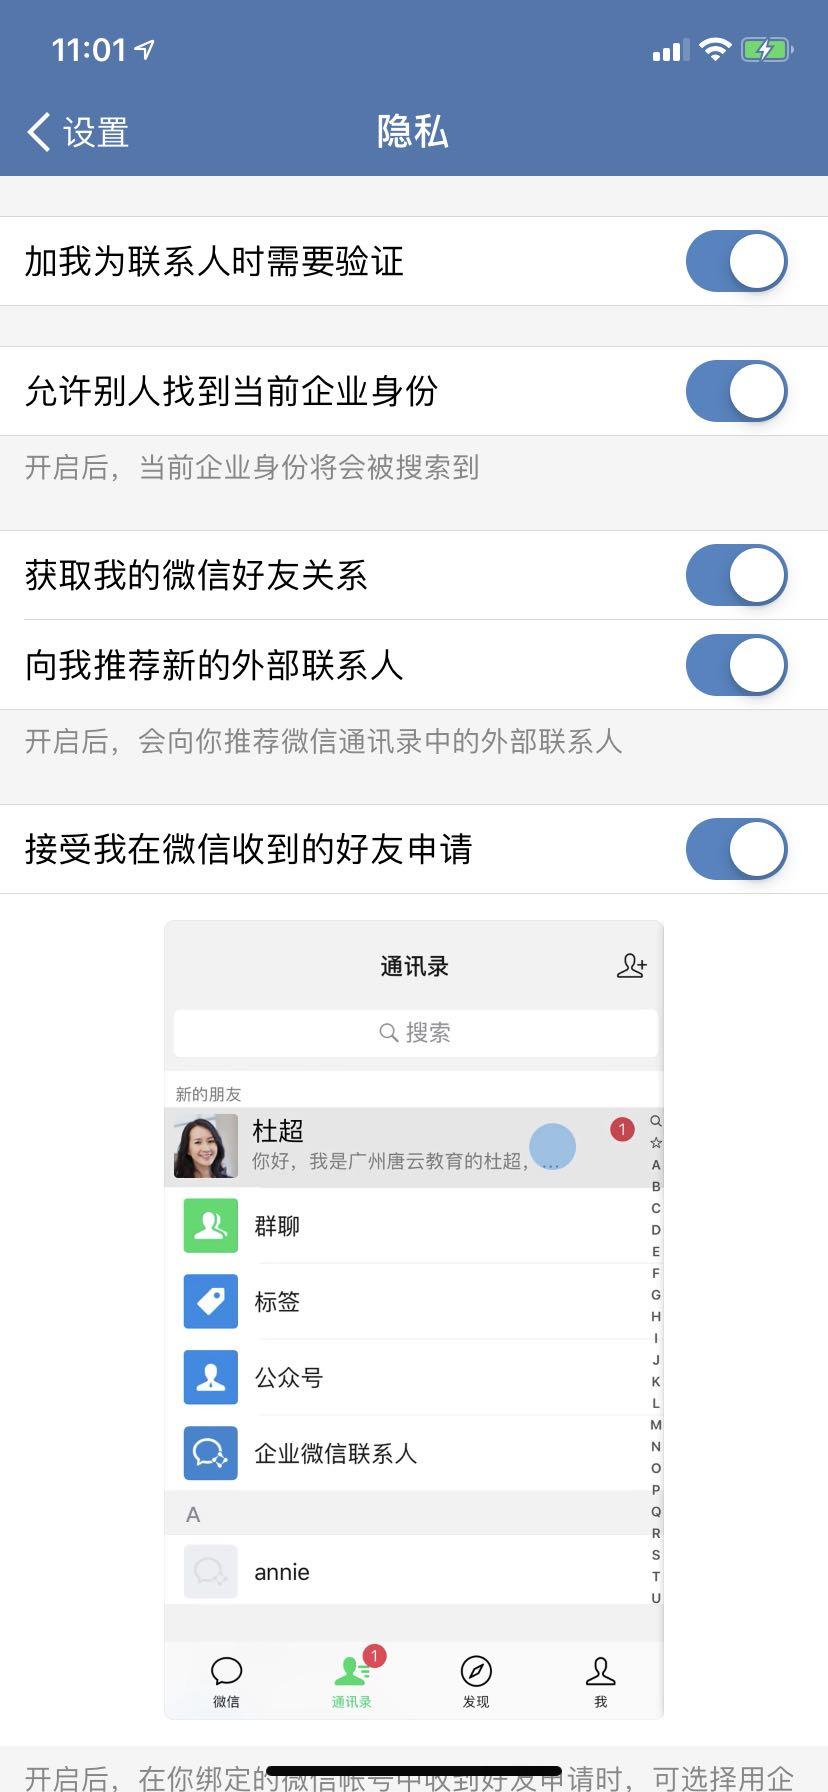 可以使用企业微信接受个人微信的添加好友申请吗?